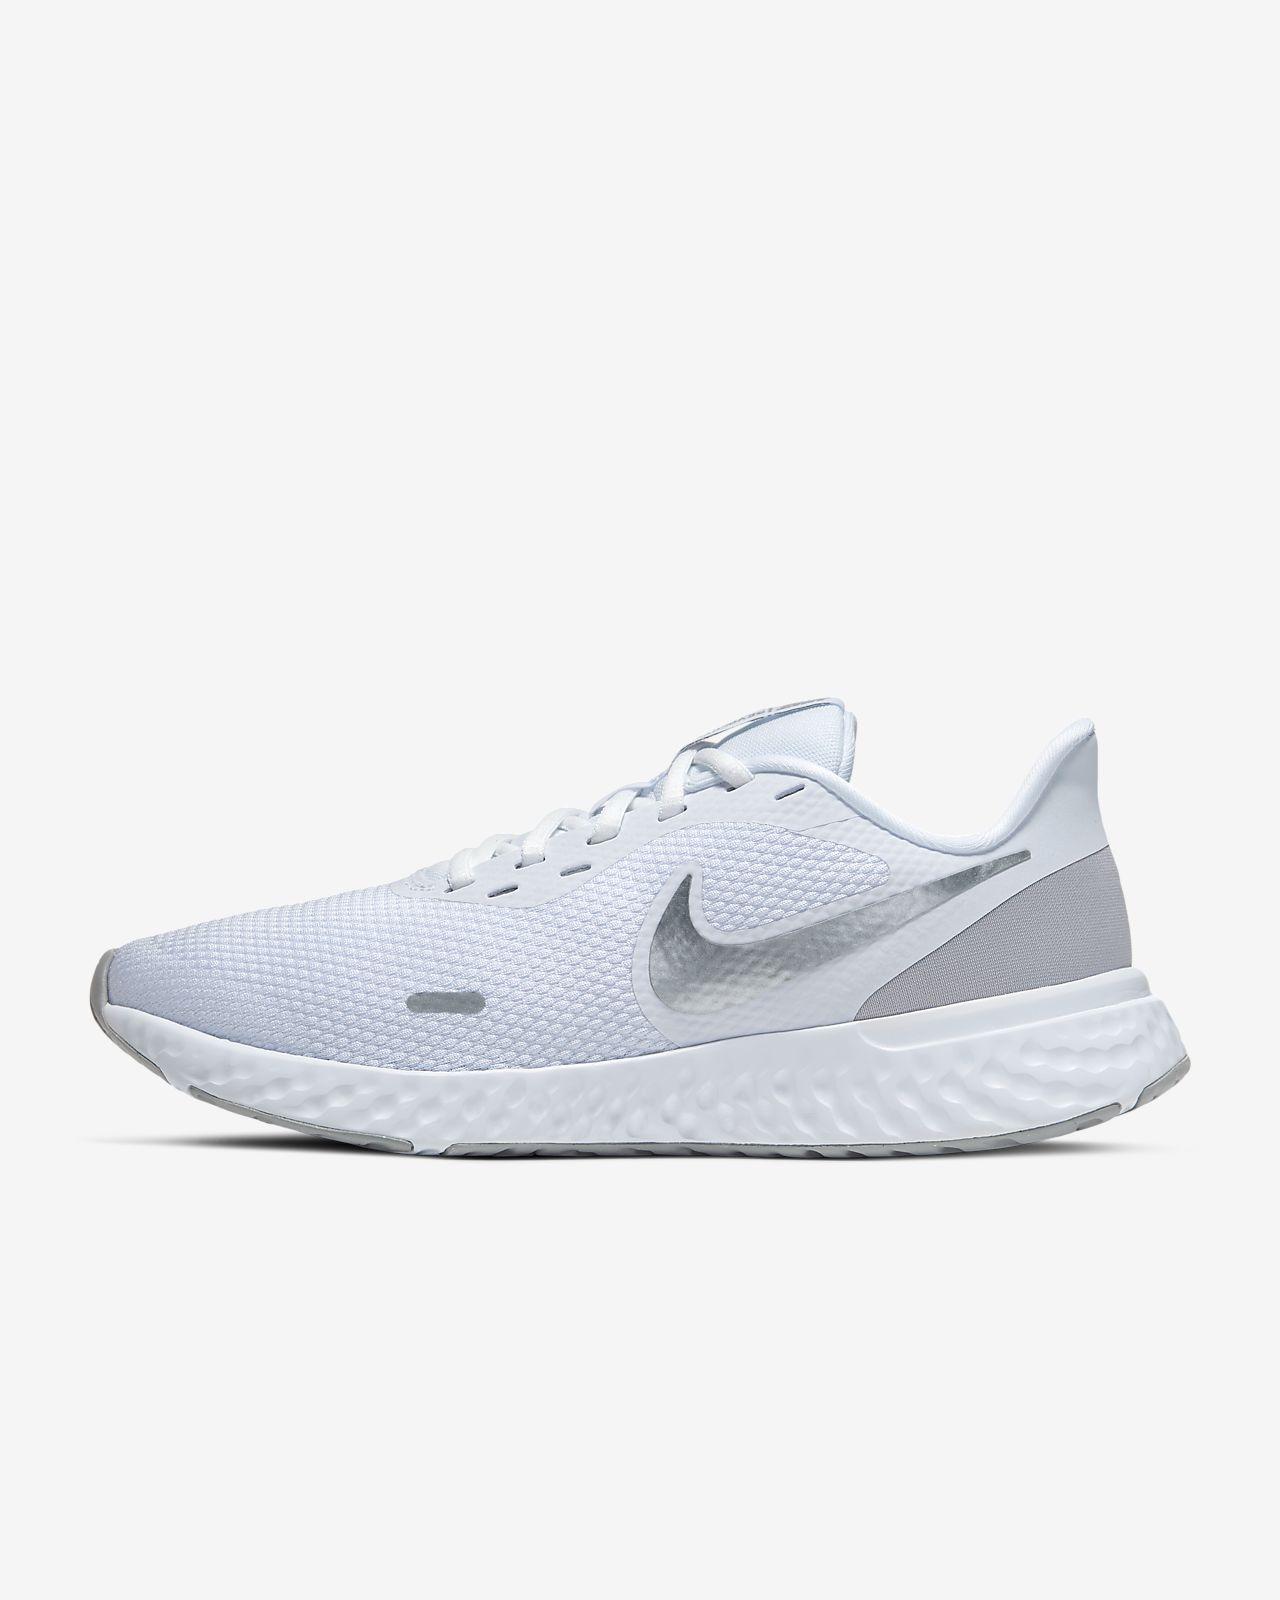 Löparsko Nike Revolution 5 för kvinnor